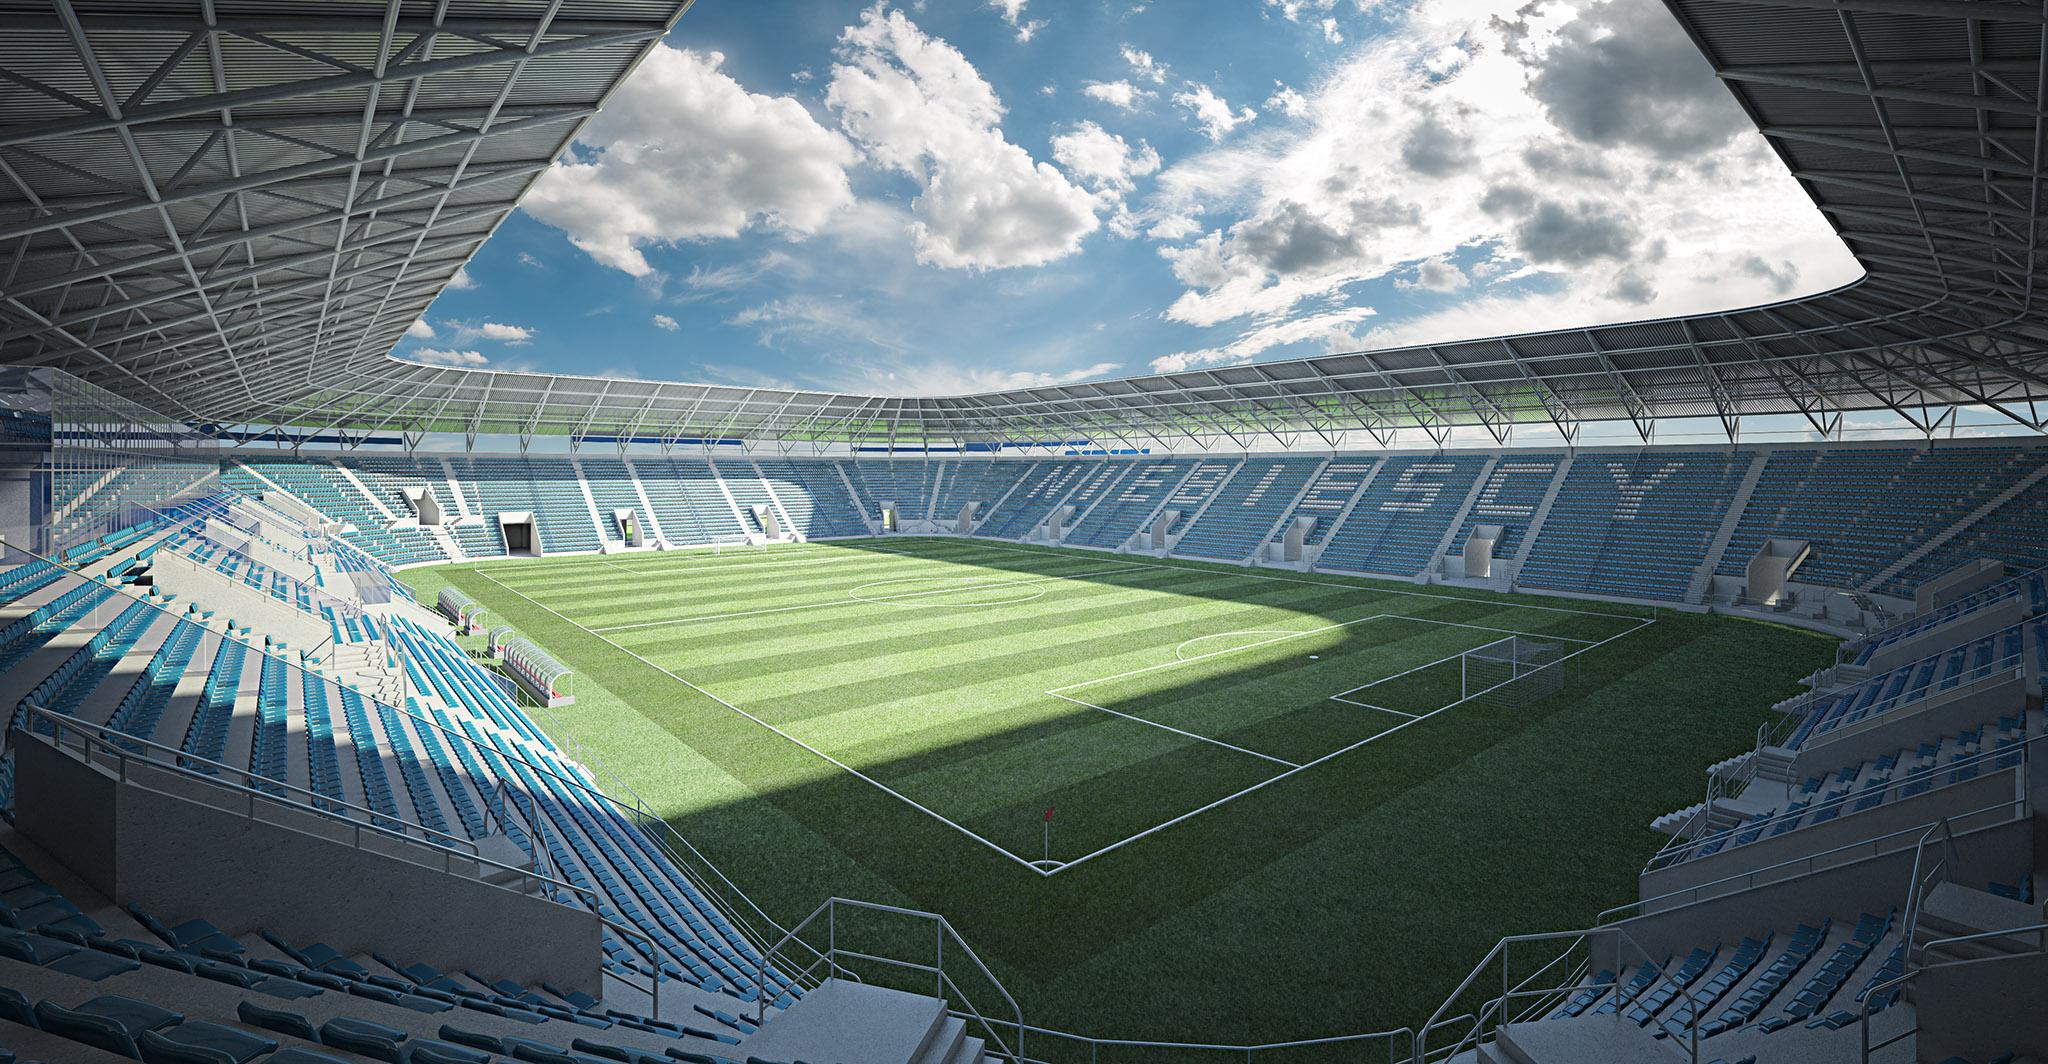 european soccer stadium 3d model 3ds max dxf dwg fbx c4d dae ma mb 3dm  obj 220265